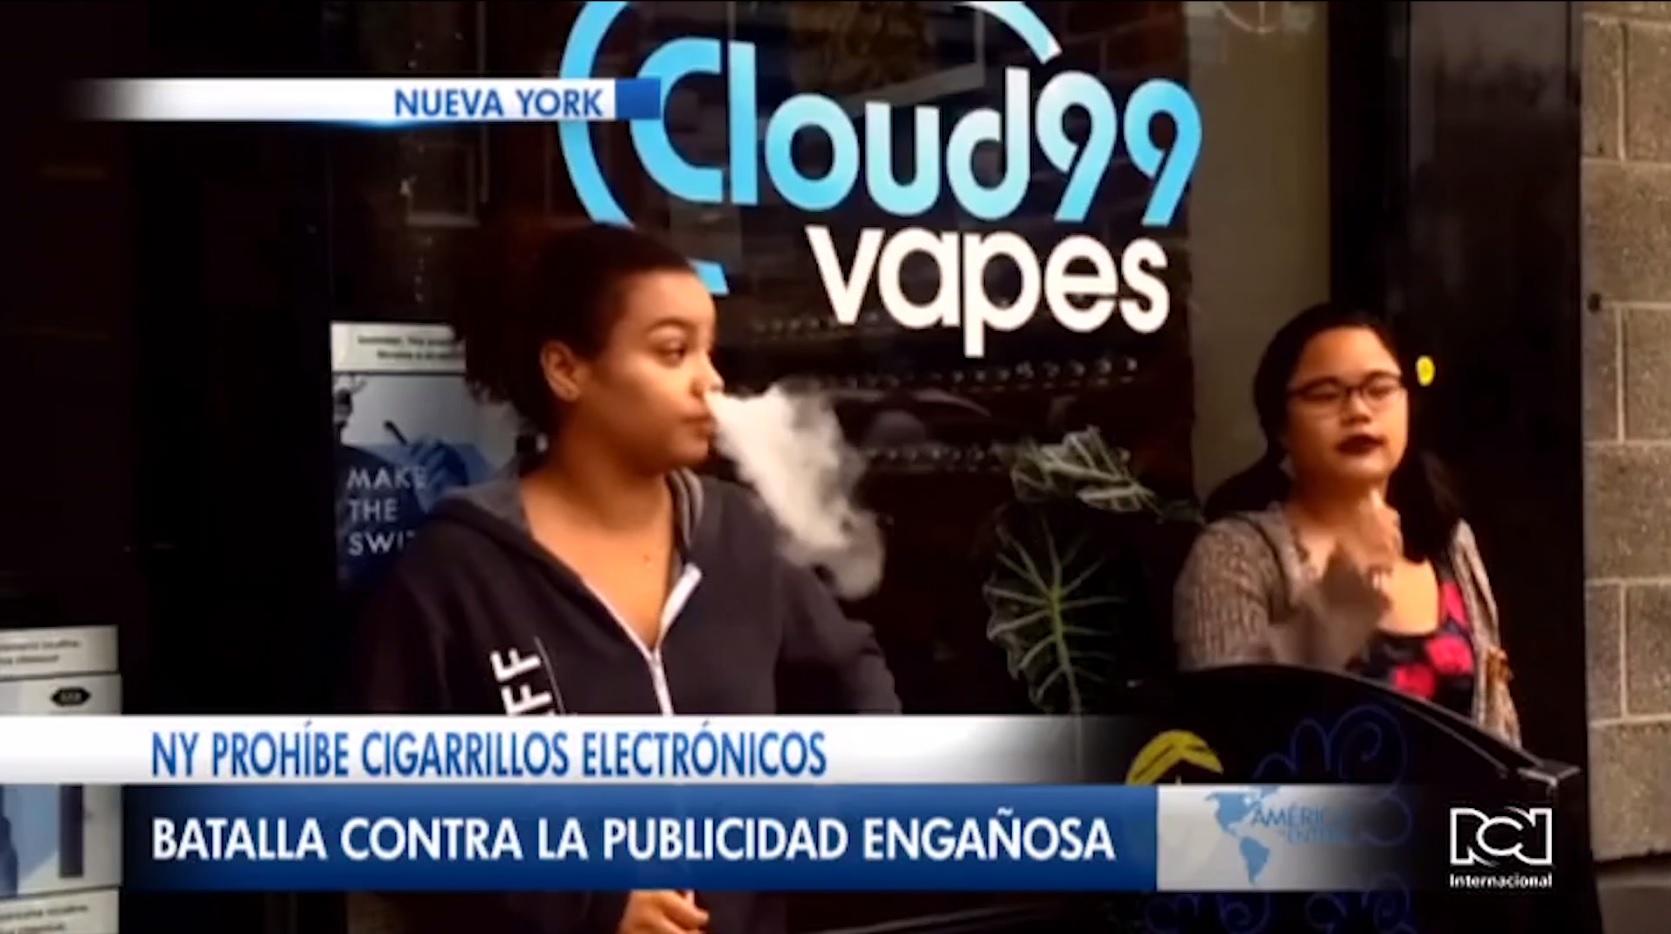 Nueva York prohíbe la venta y distribución de cigarrillos electrónicos